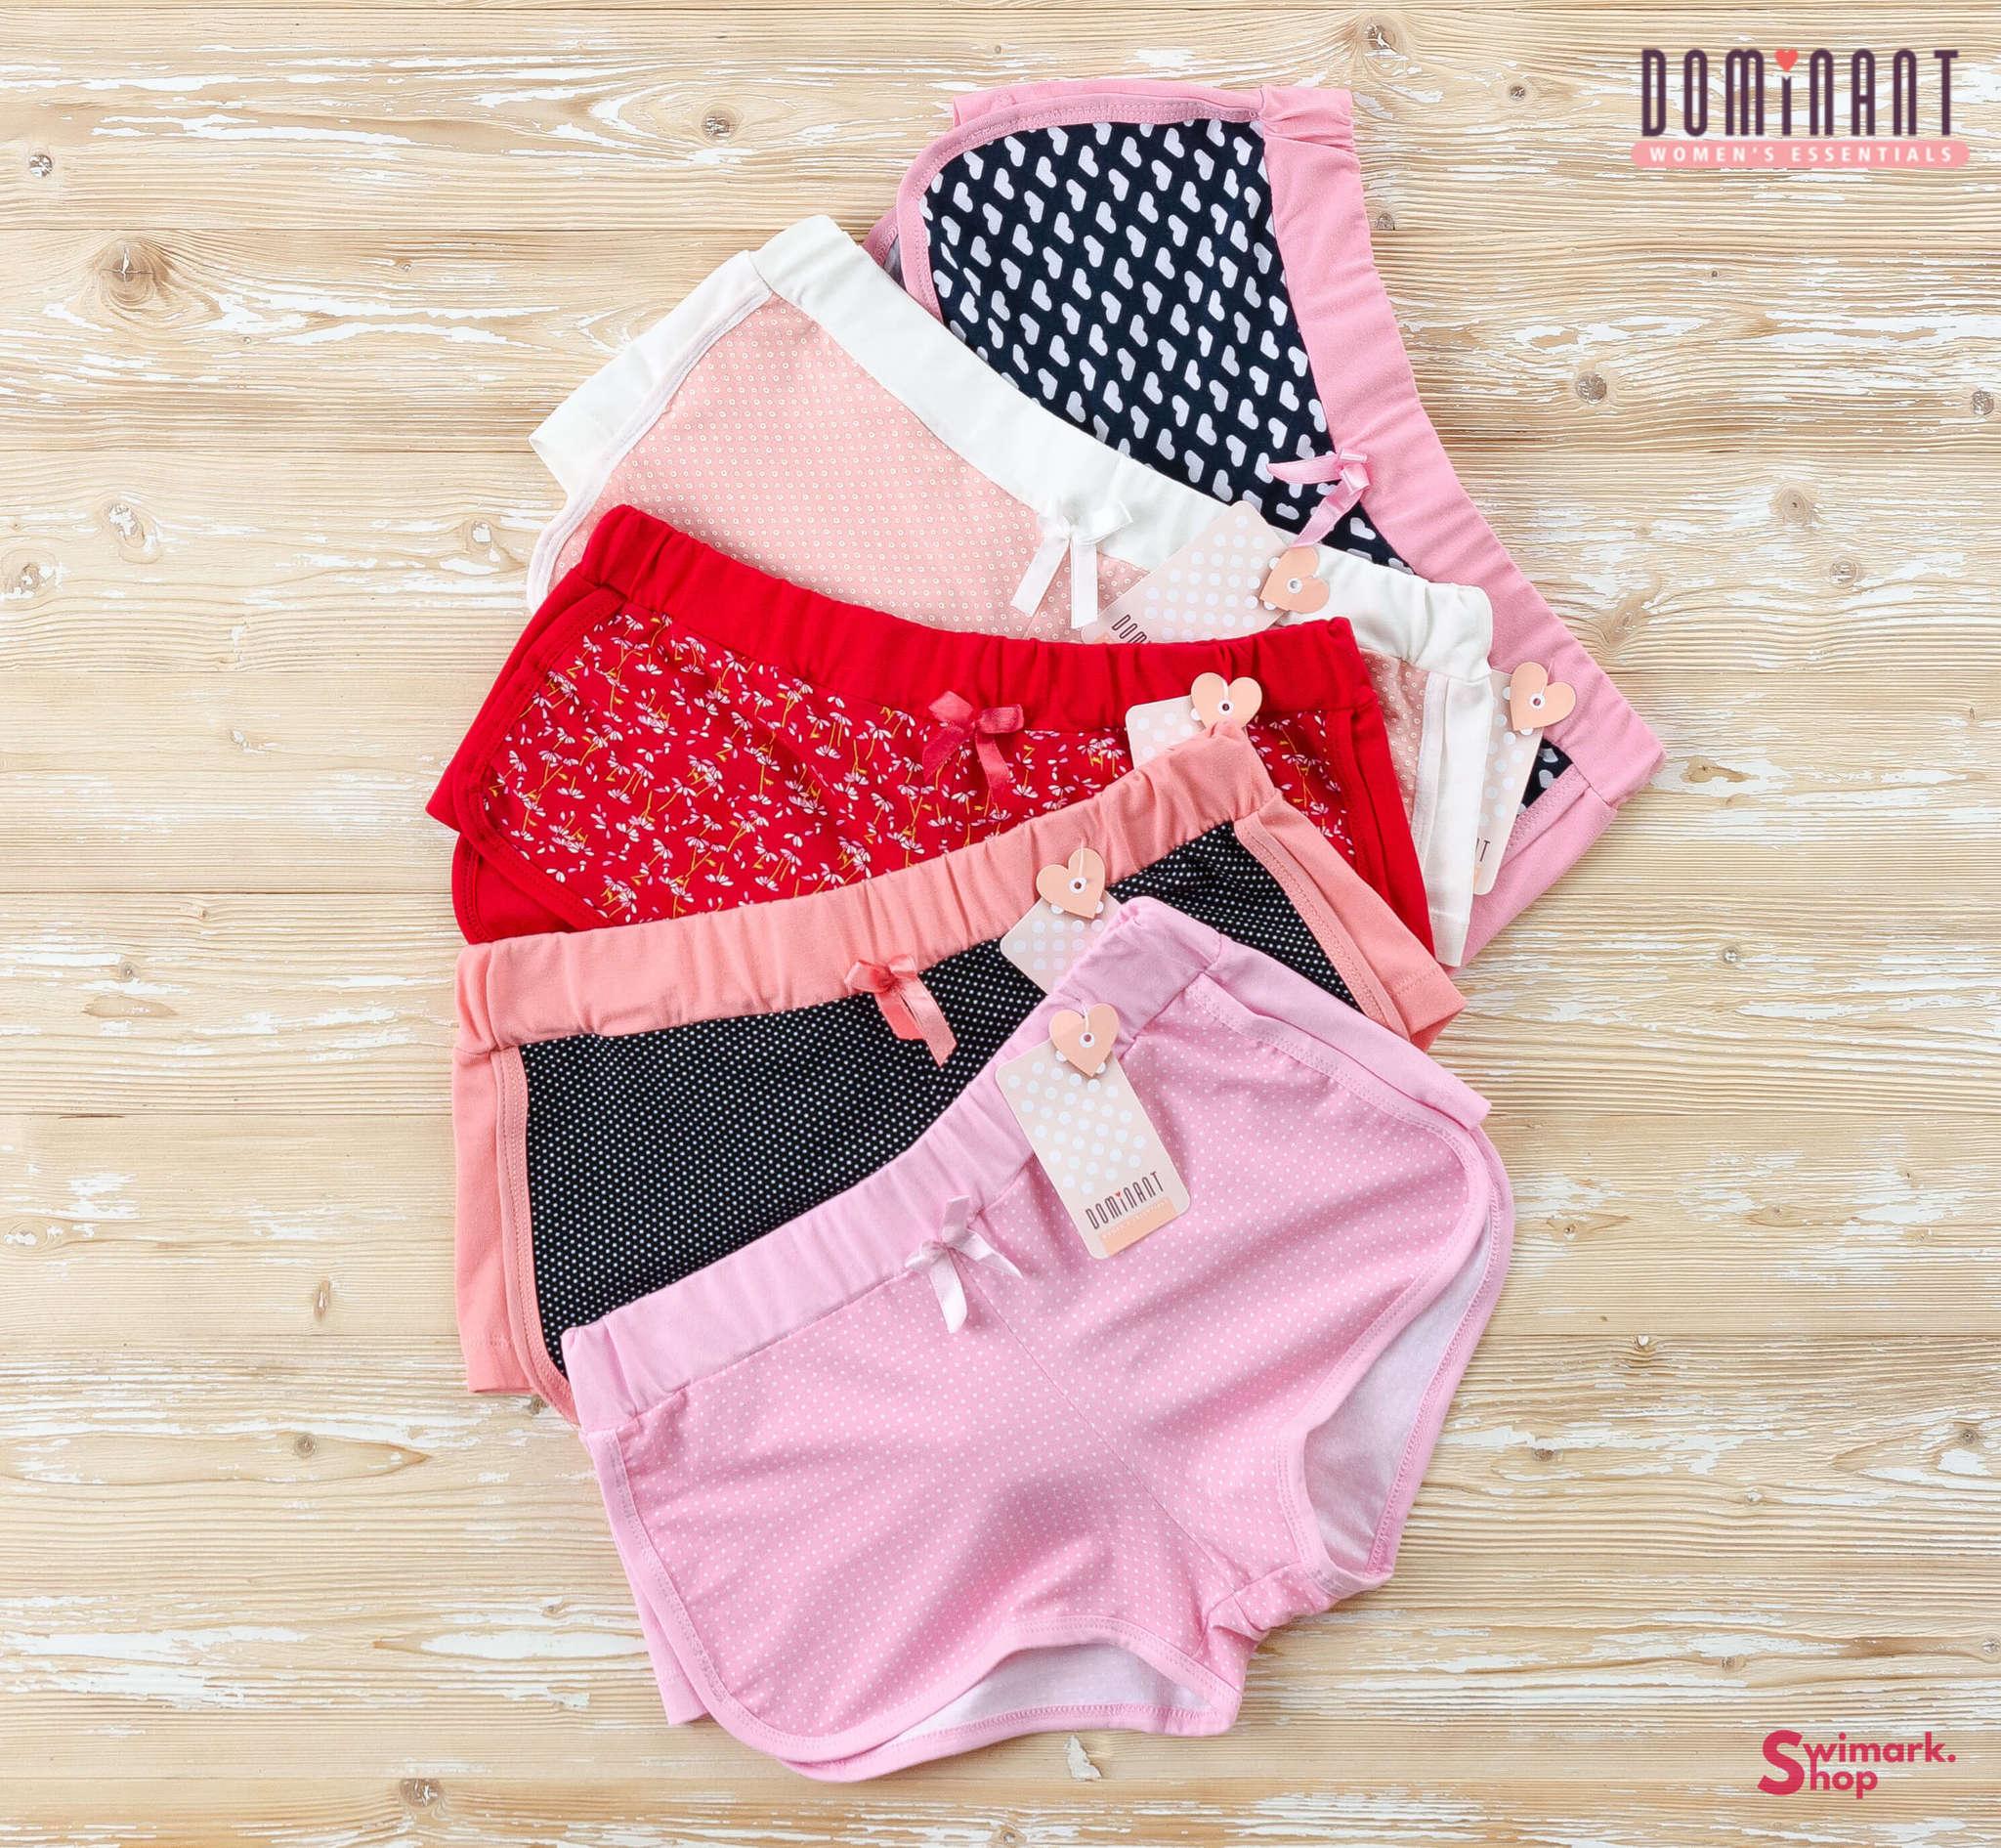 Пижамы Шортики пижамные DOMINANT 28477 kozabiat.shop124_782.jpg